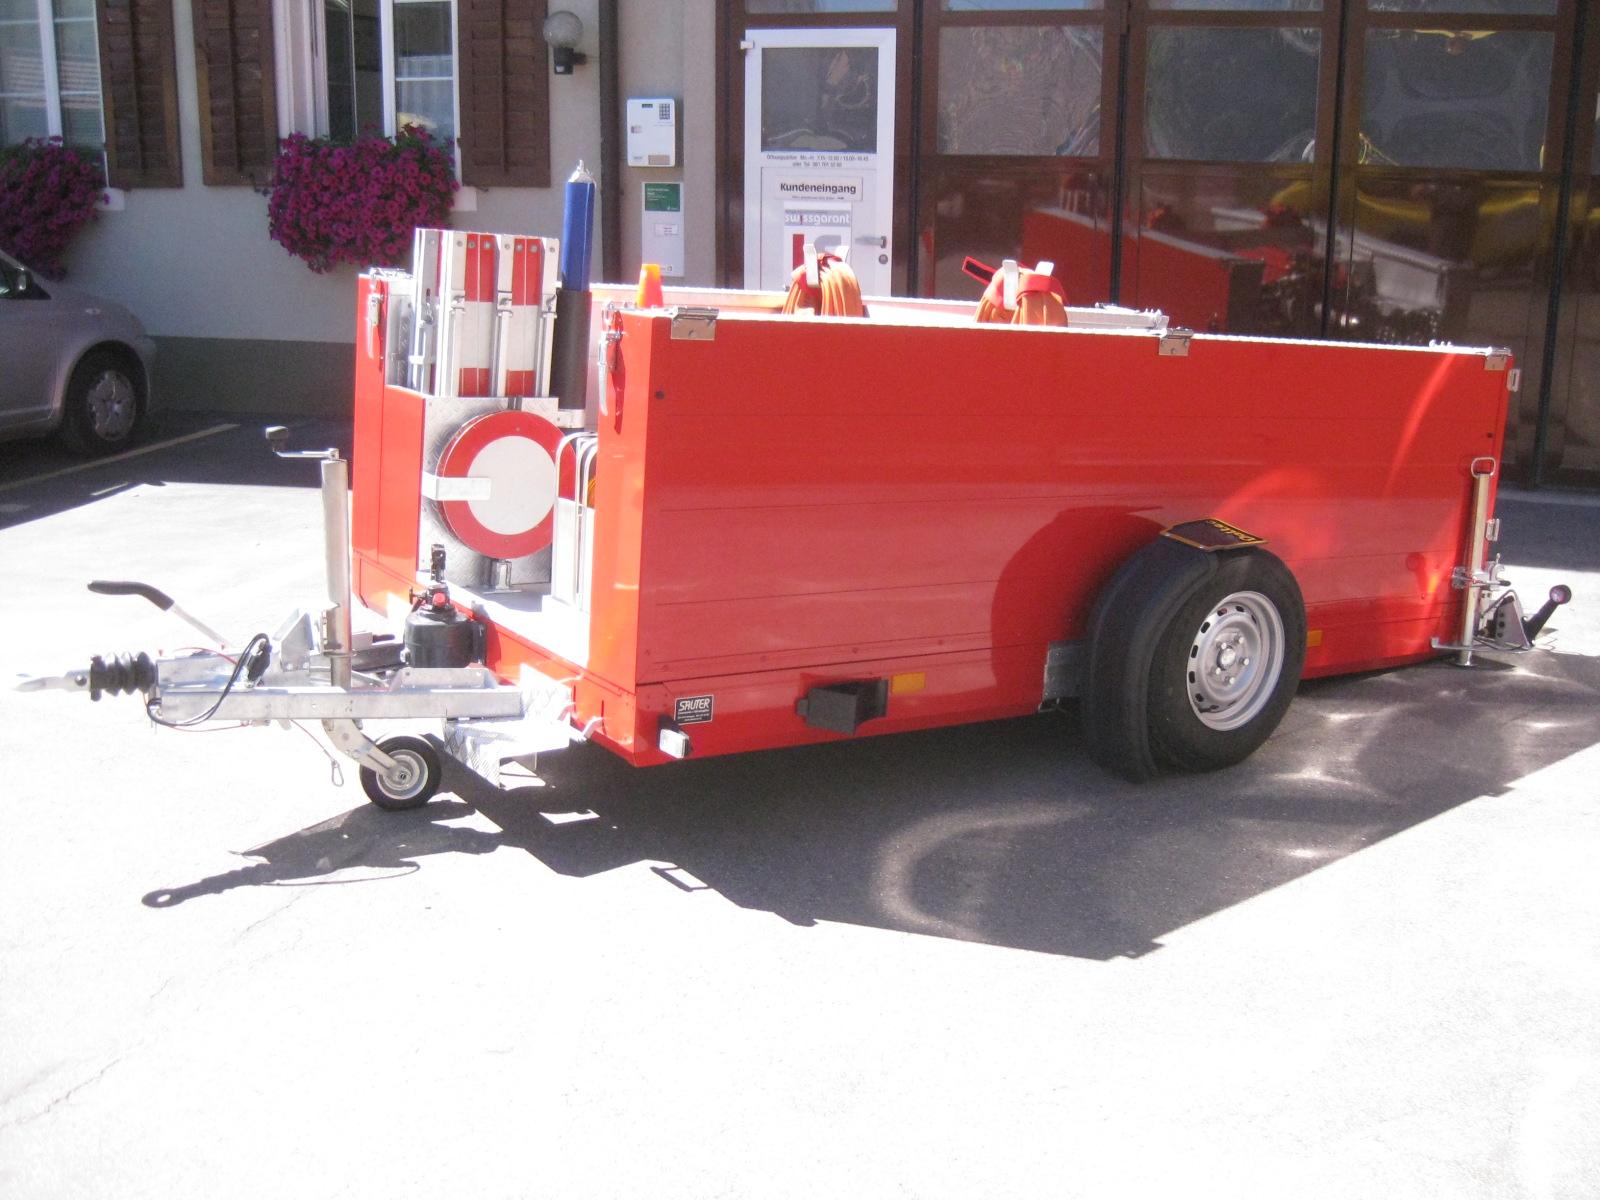 Carrosserie_Sauter_Fahrzeugbau_ Anhänger_012